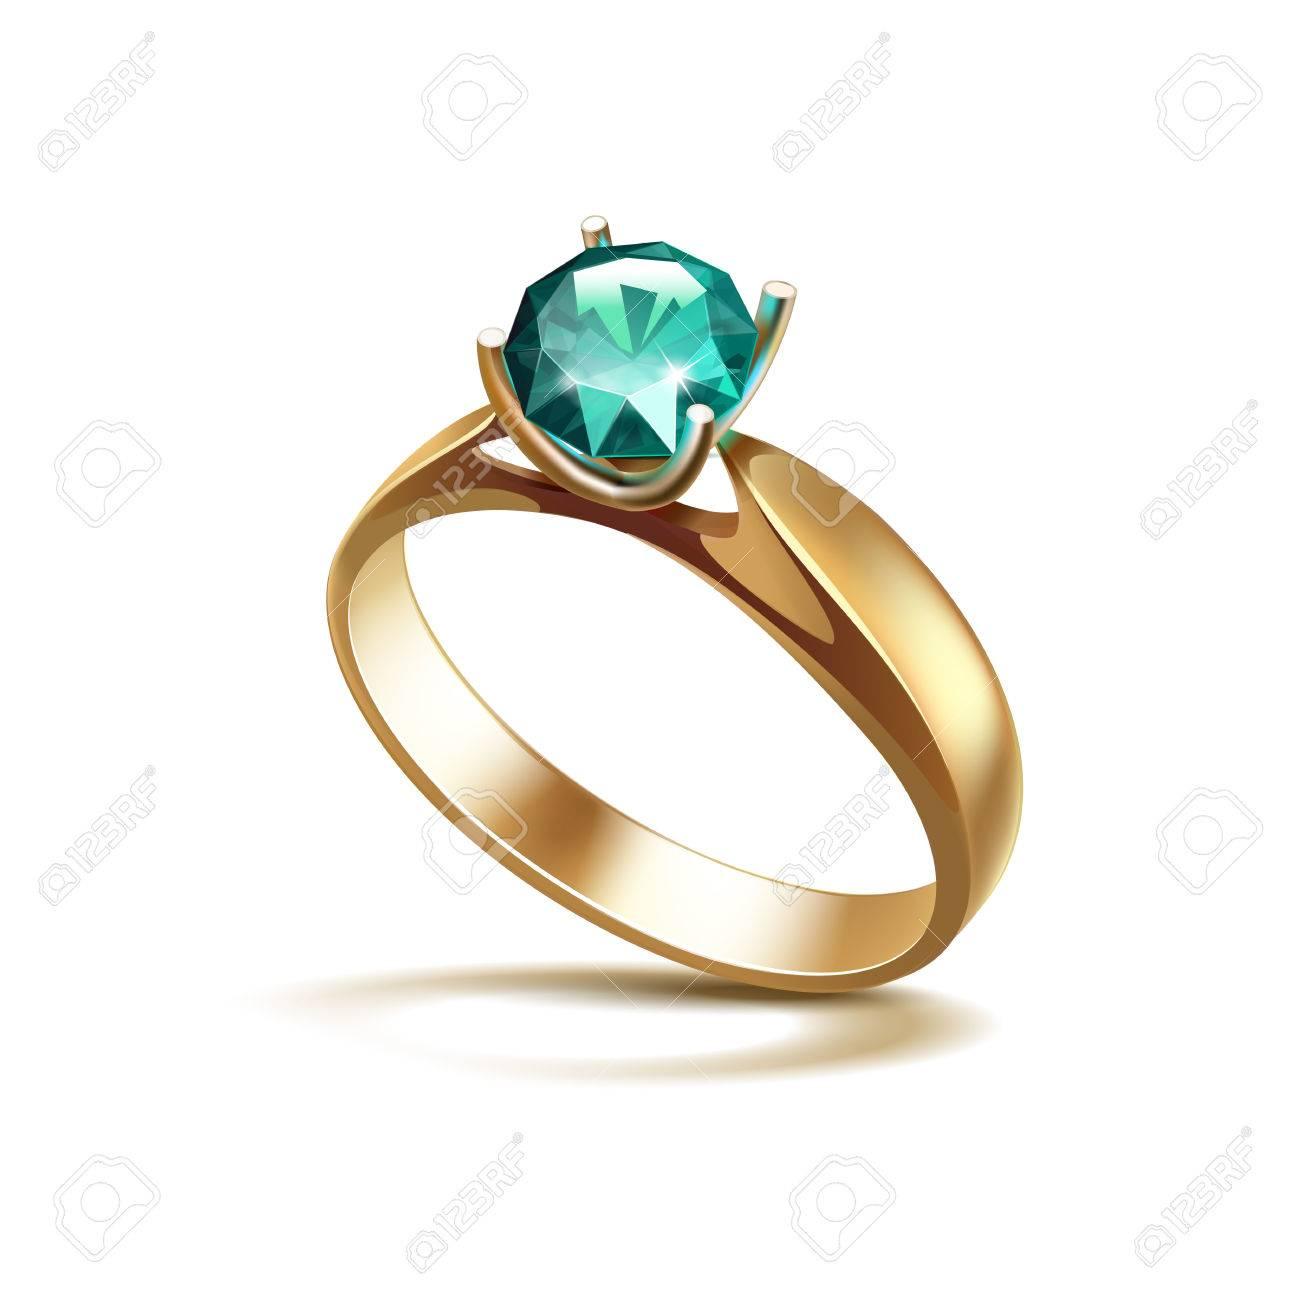 Vector Gold Verlobungsring Mit Smaragd Glanzender Freier Diamant